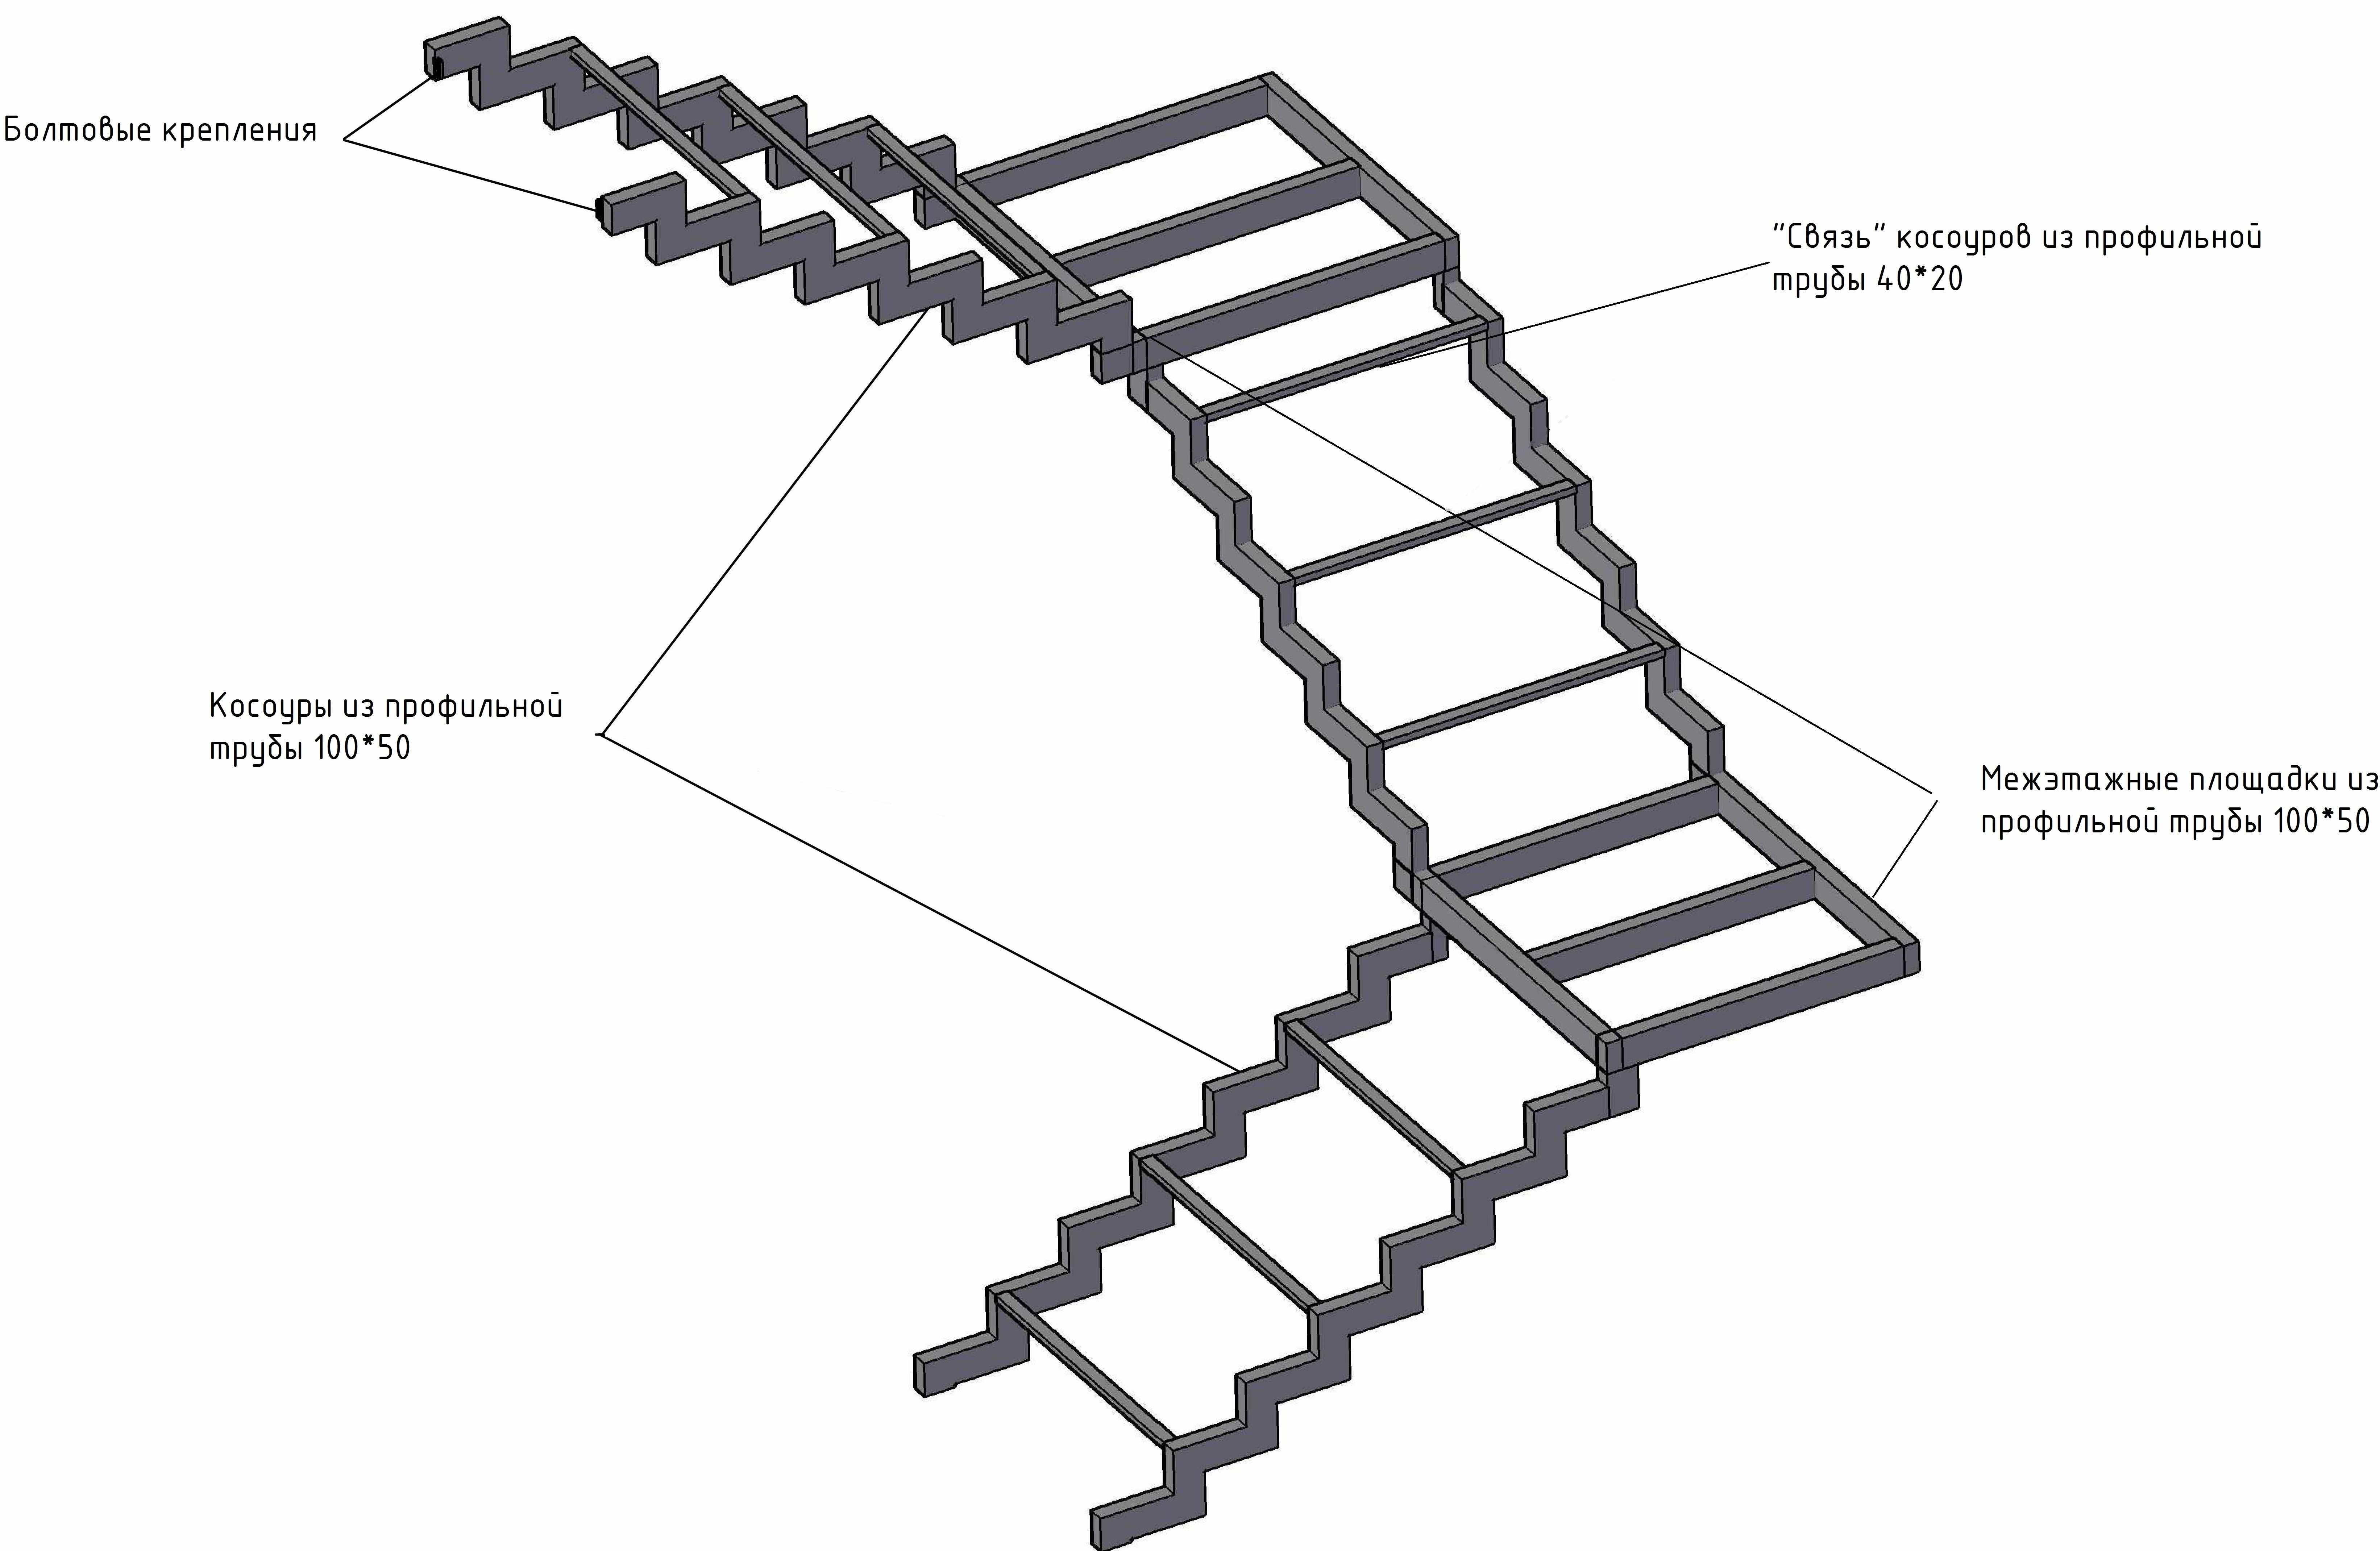 Металлическая лестница чертеж